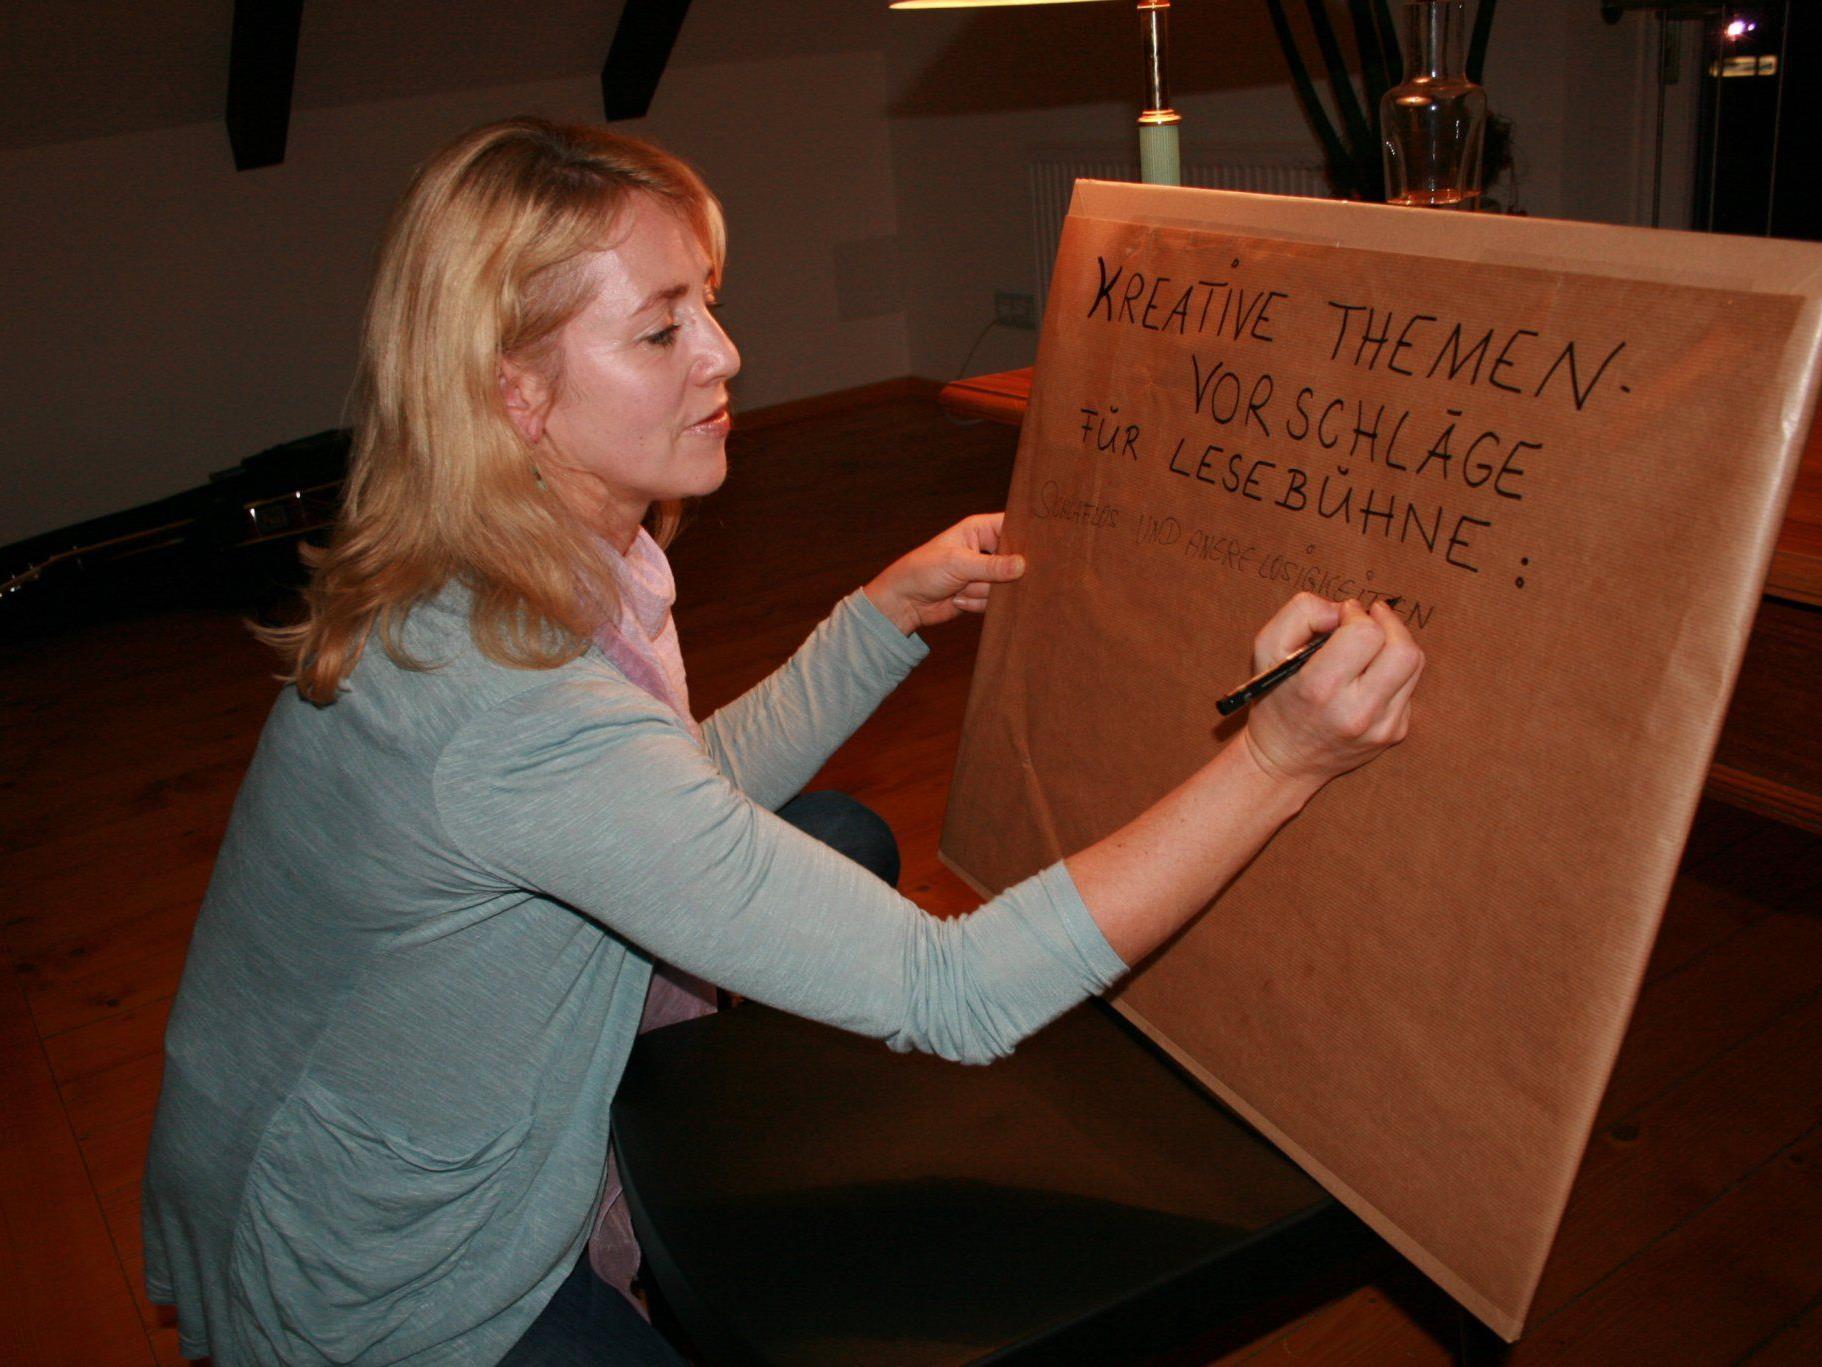 Autorin Waltraud Travaglini-Konzett sammelt Schreibthemen für die Lesebühne.